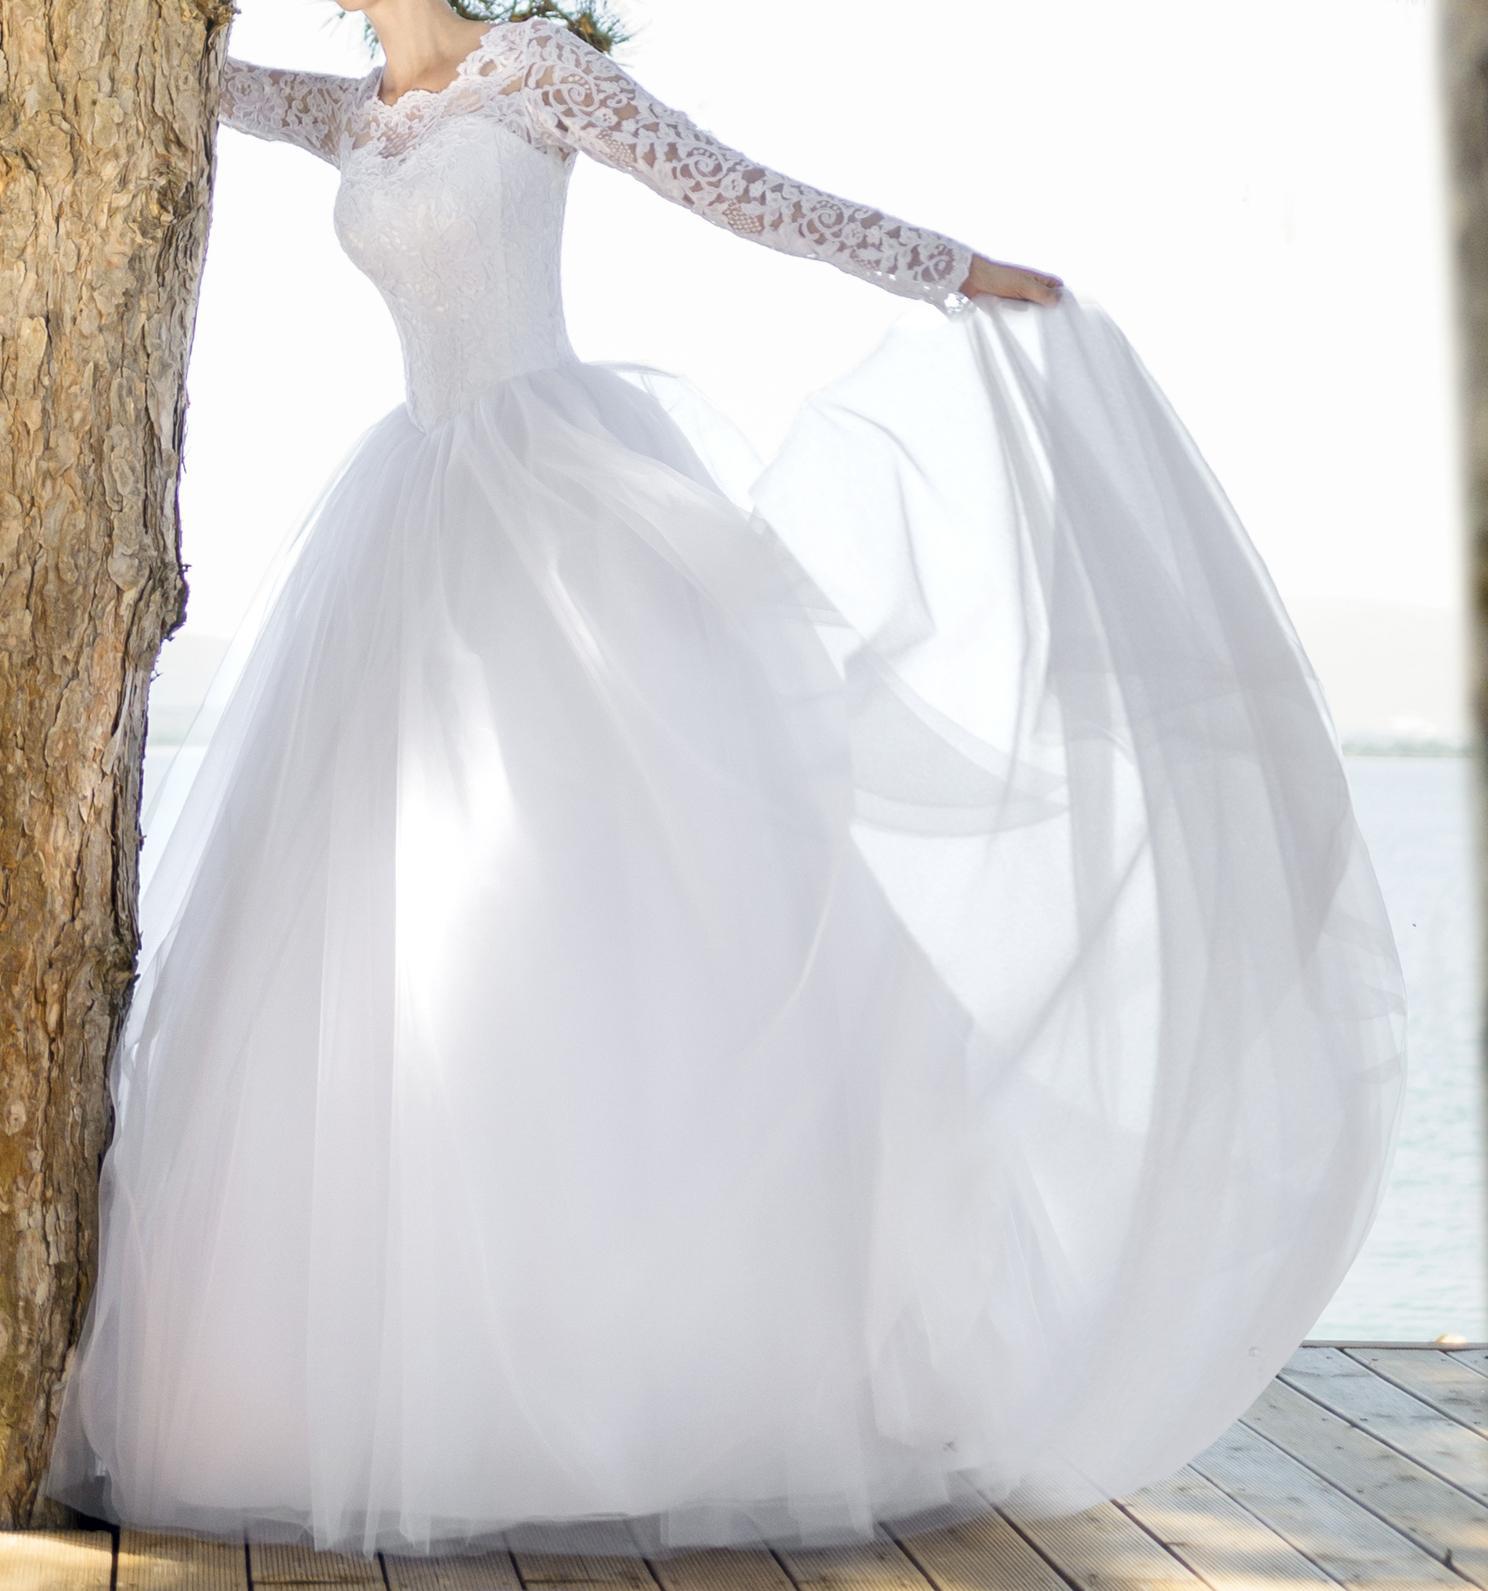 Svadobné šaty s dlhým rukávom - Obrázok č. 1